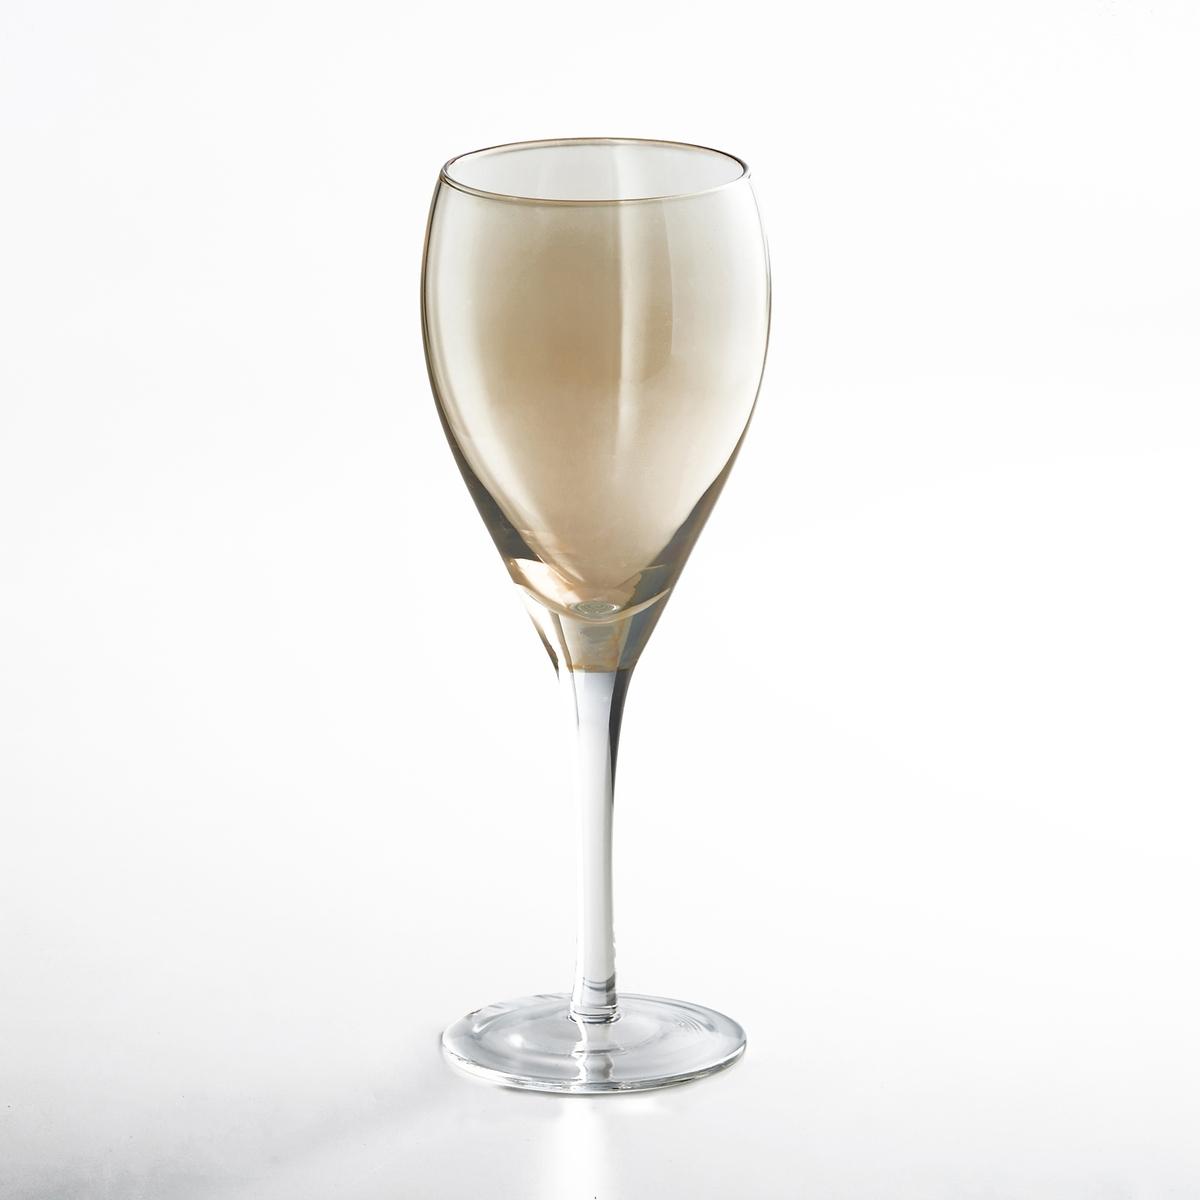 Комплект из 4 бокалов для белого вина, KOUTINEКомплект из 4 бокалов шабли для белого вина, Koutine, La redoute Int?rieurs. Расширяющиеся у основания и сужающиеся вверху бокалы для вашего любимого вина.    Янтарный или темно-серый цвет для создания гармонии оттенков на вашем столе.Характеристики 4 бокалов для белого вина Koutine :Бокалы с ножкой в форме шабли из стекла, выдуваемого ртом.Диаметр : 8,5 смВысота : 22 смМытье вручную.В комплекте 4 бокалаВсю коллекцию Koutine вы можете найти на сайте laredoute.ru<br><br>Цвет: дымчато-серый,янтарь